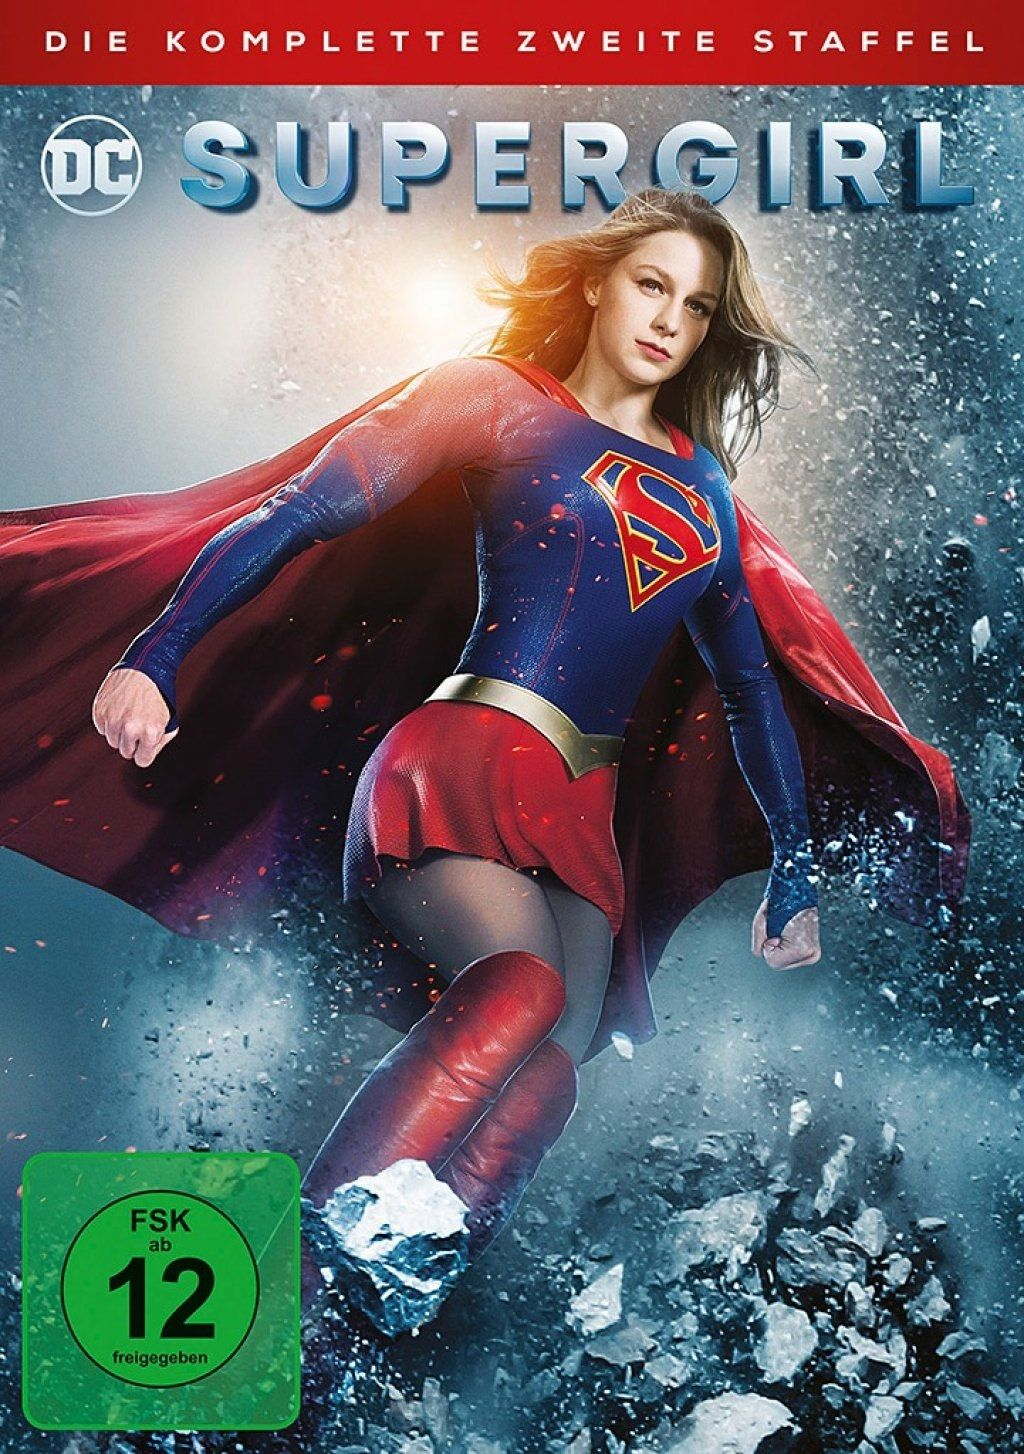 Supergirl - Die komplette zweite Staffel (5 Discs)